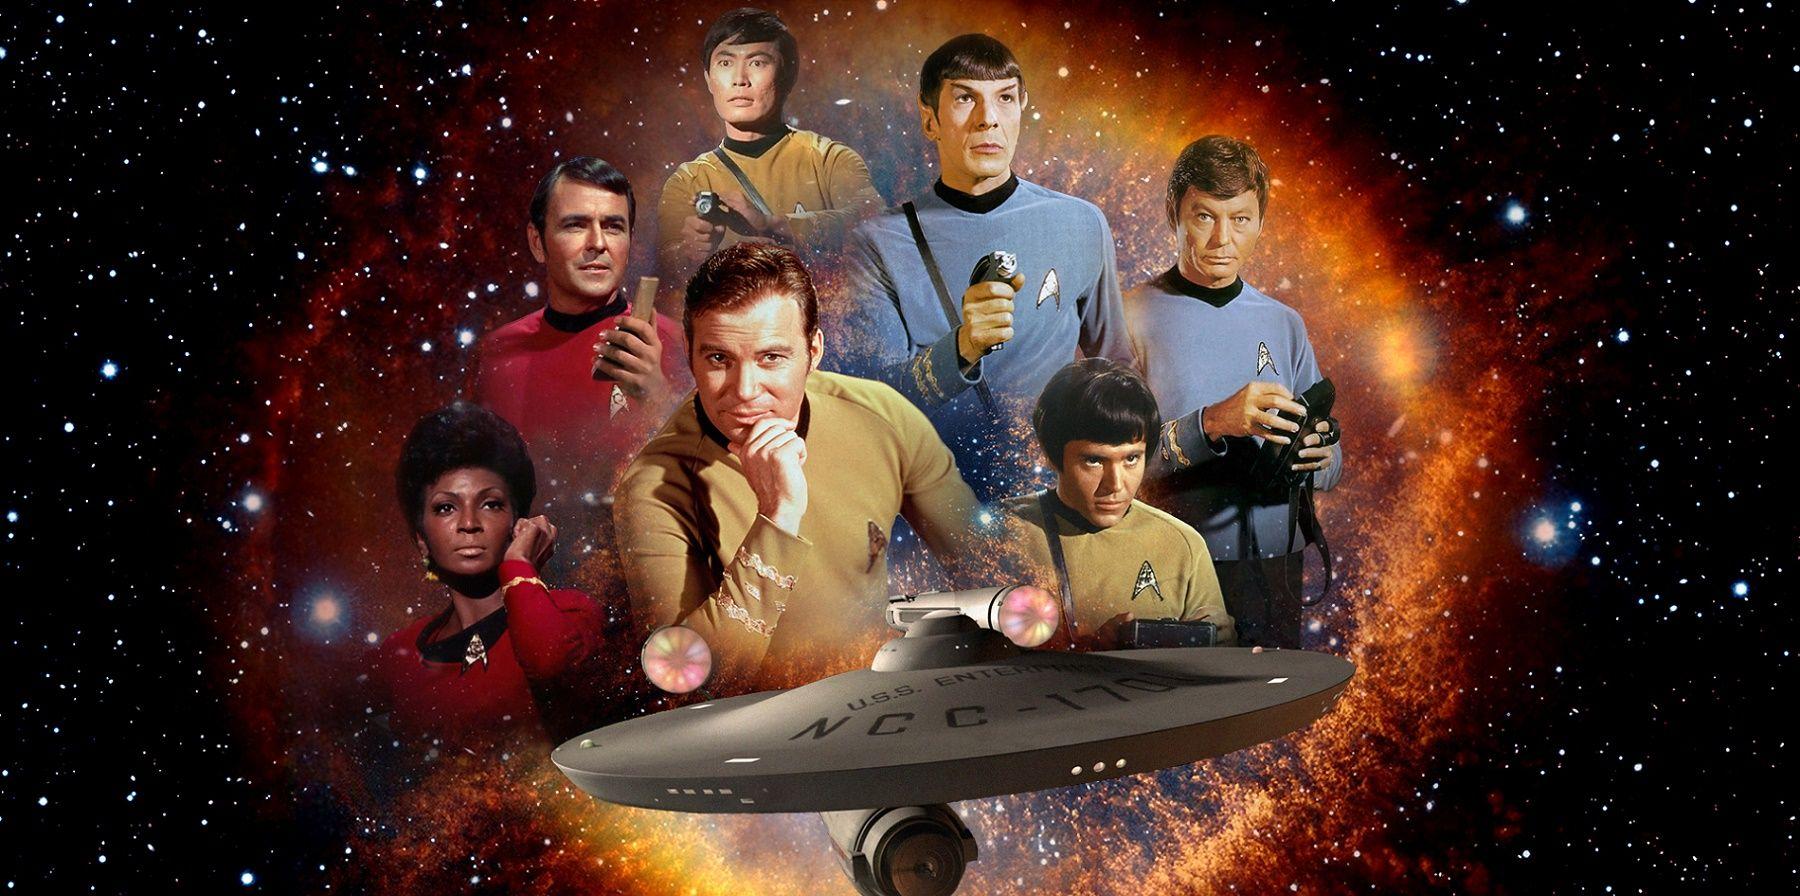 Polski Netflix przeżywa kosmiczną inwazję Star Treka. W sam raz na premierę Star Trek: Beyond